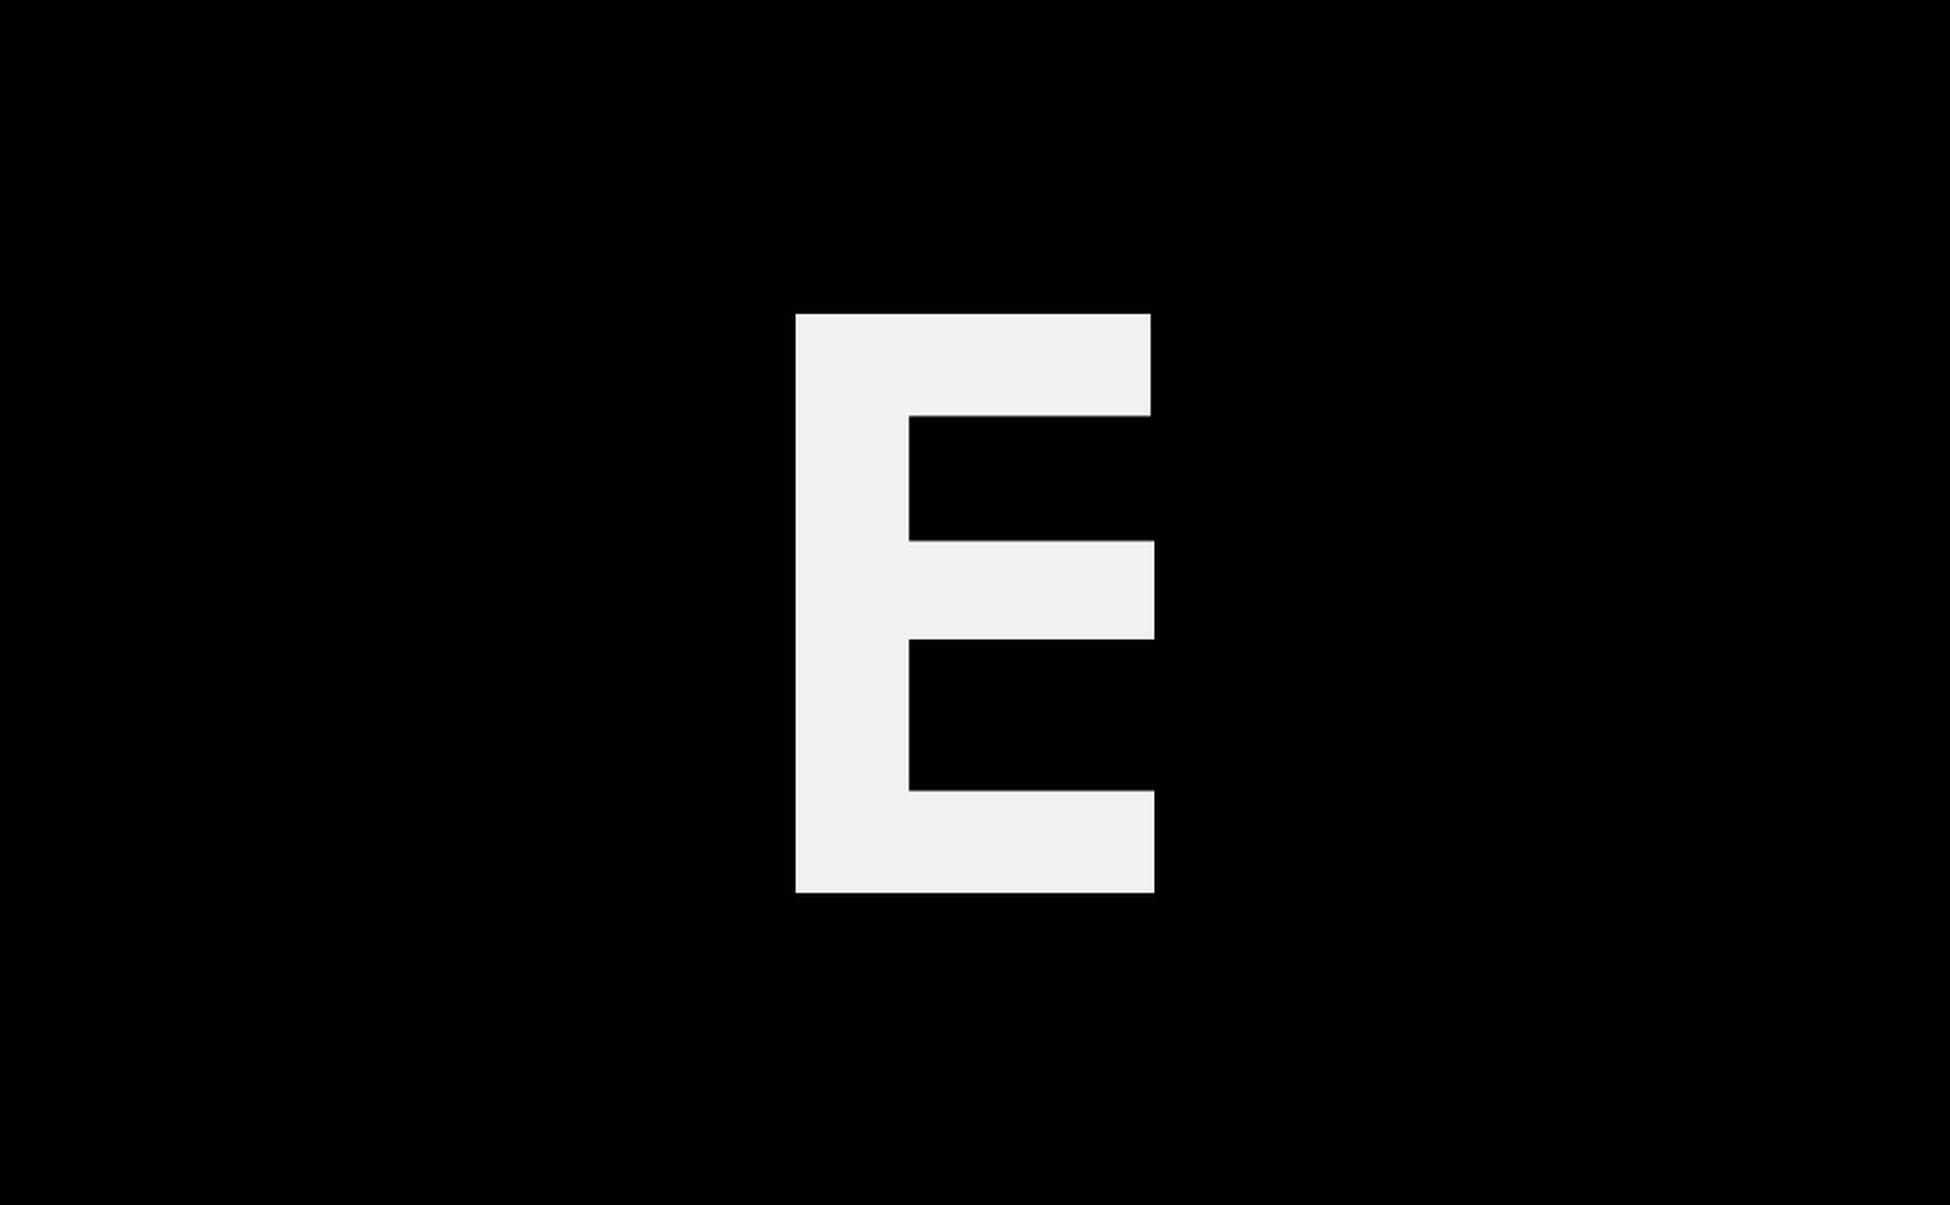 Testar EyeEm från min Nexus S.